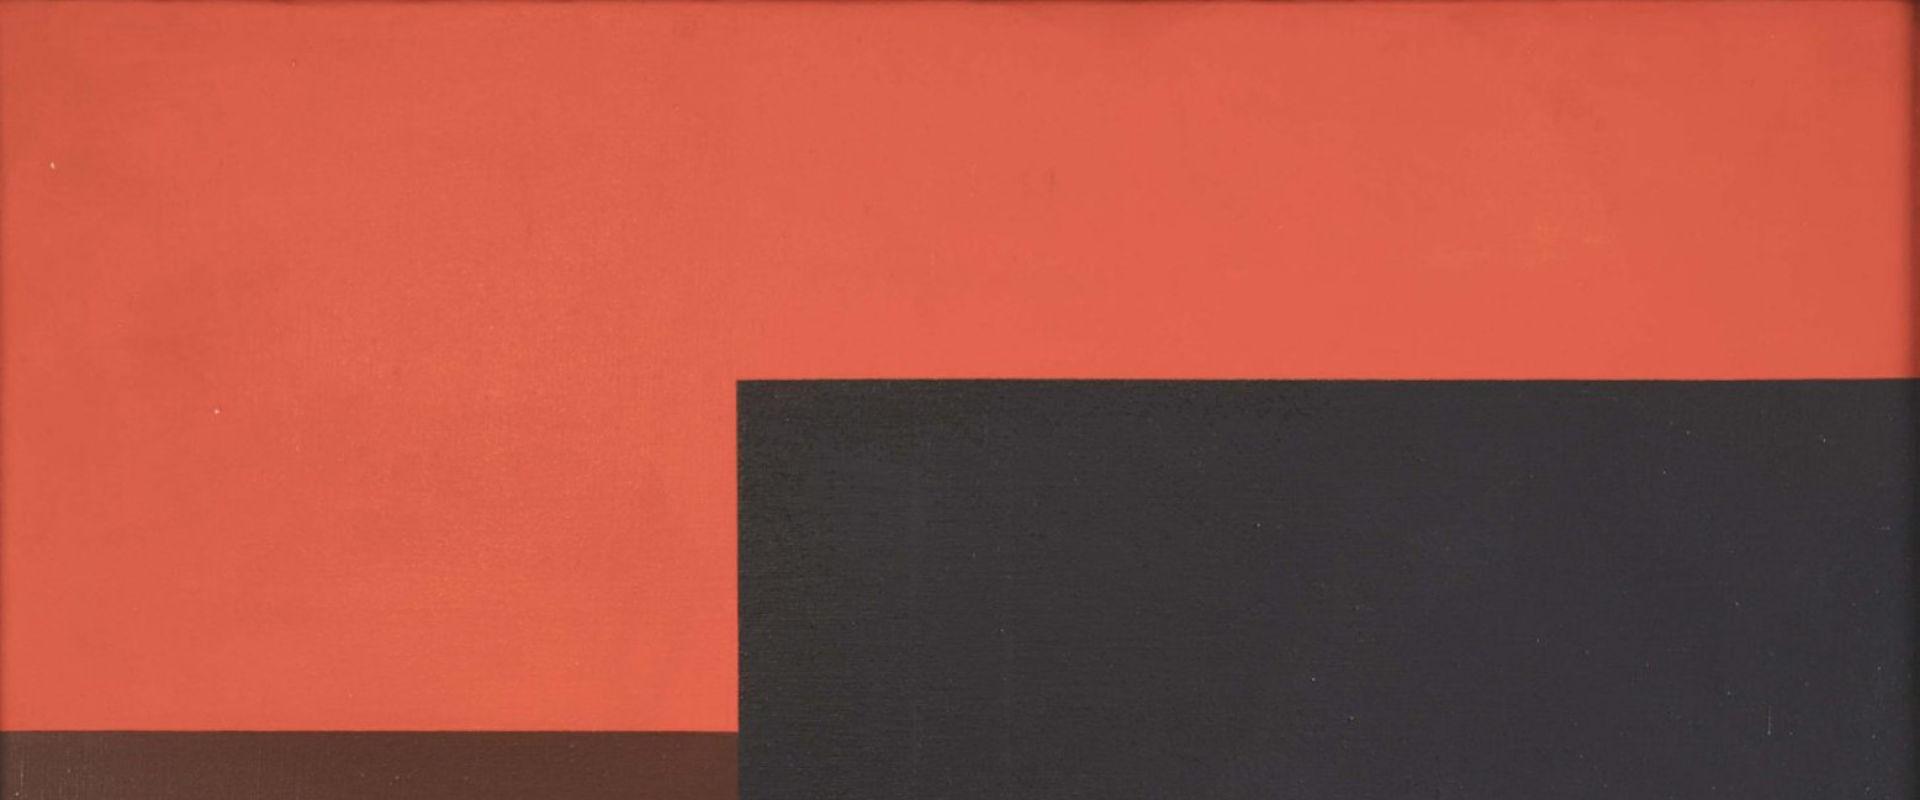 expositions Femmes années 50 musée Soulages